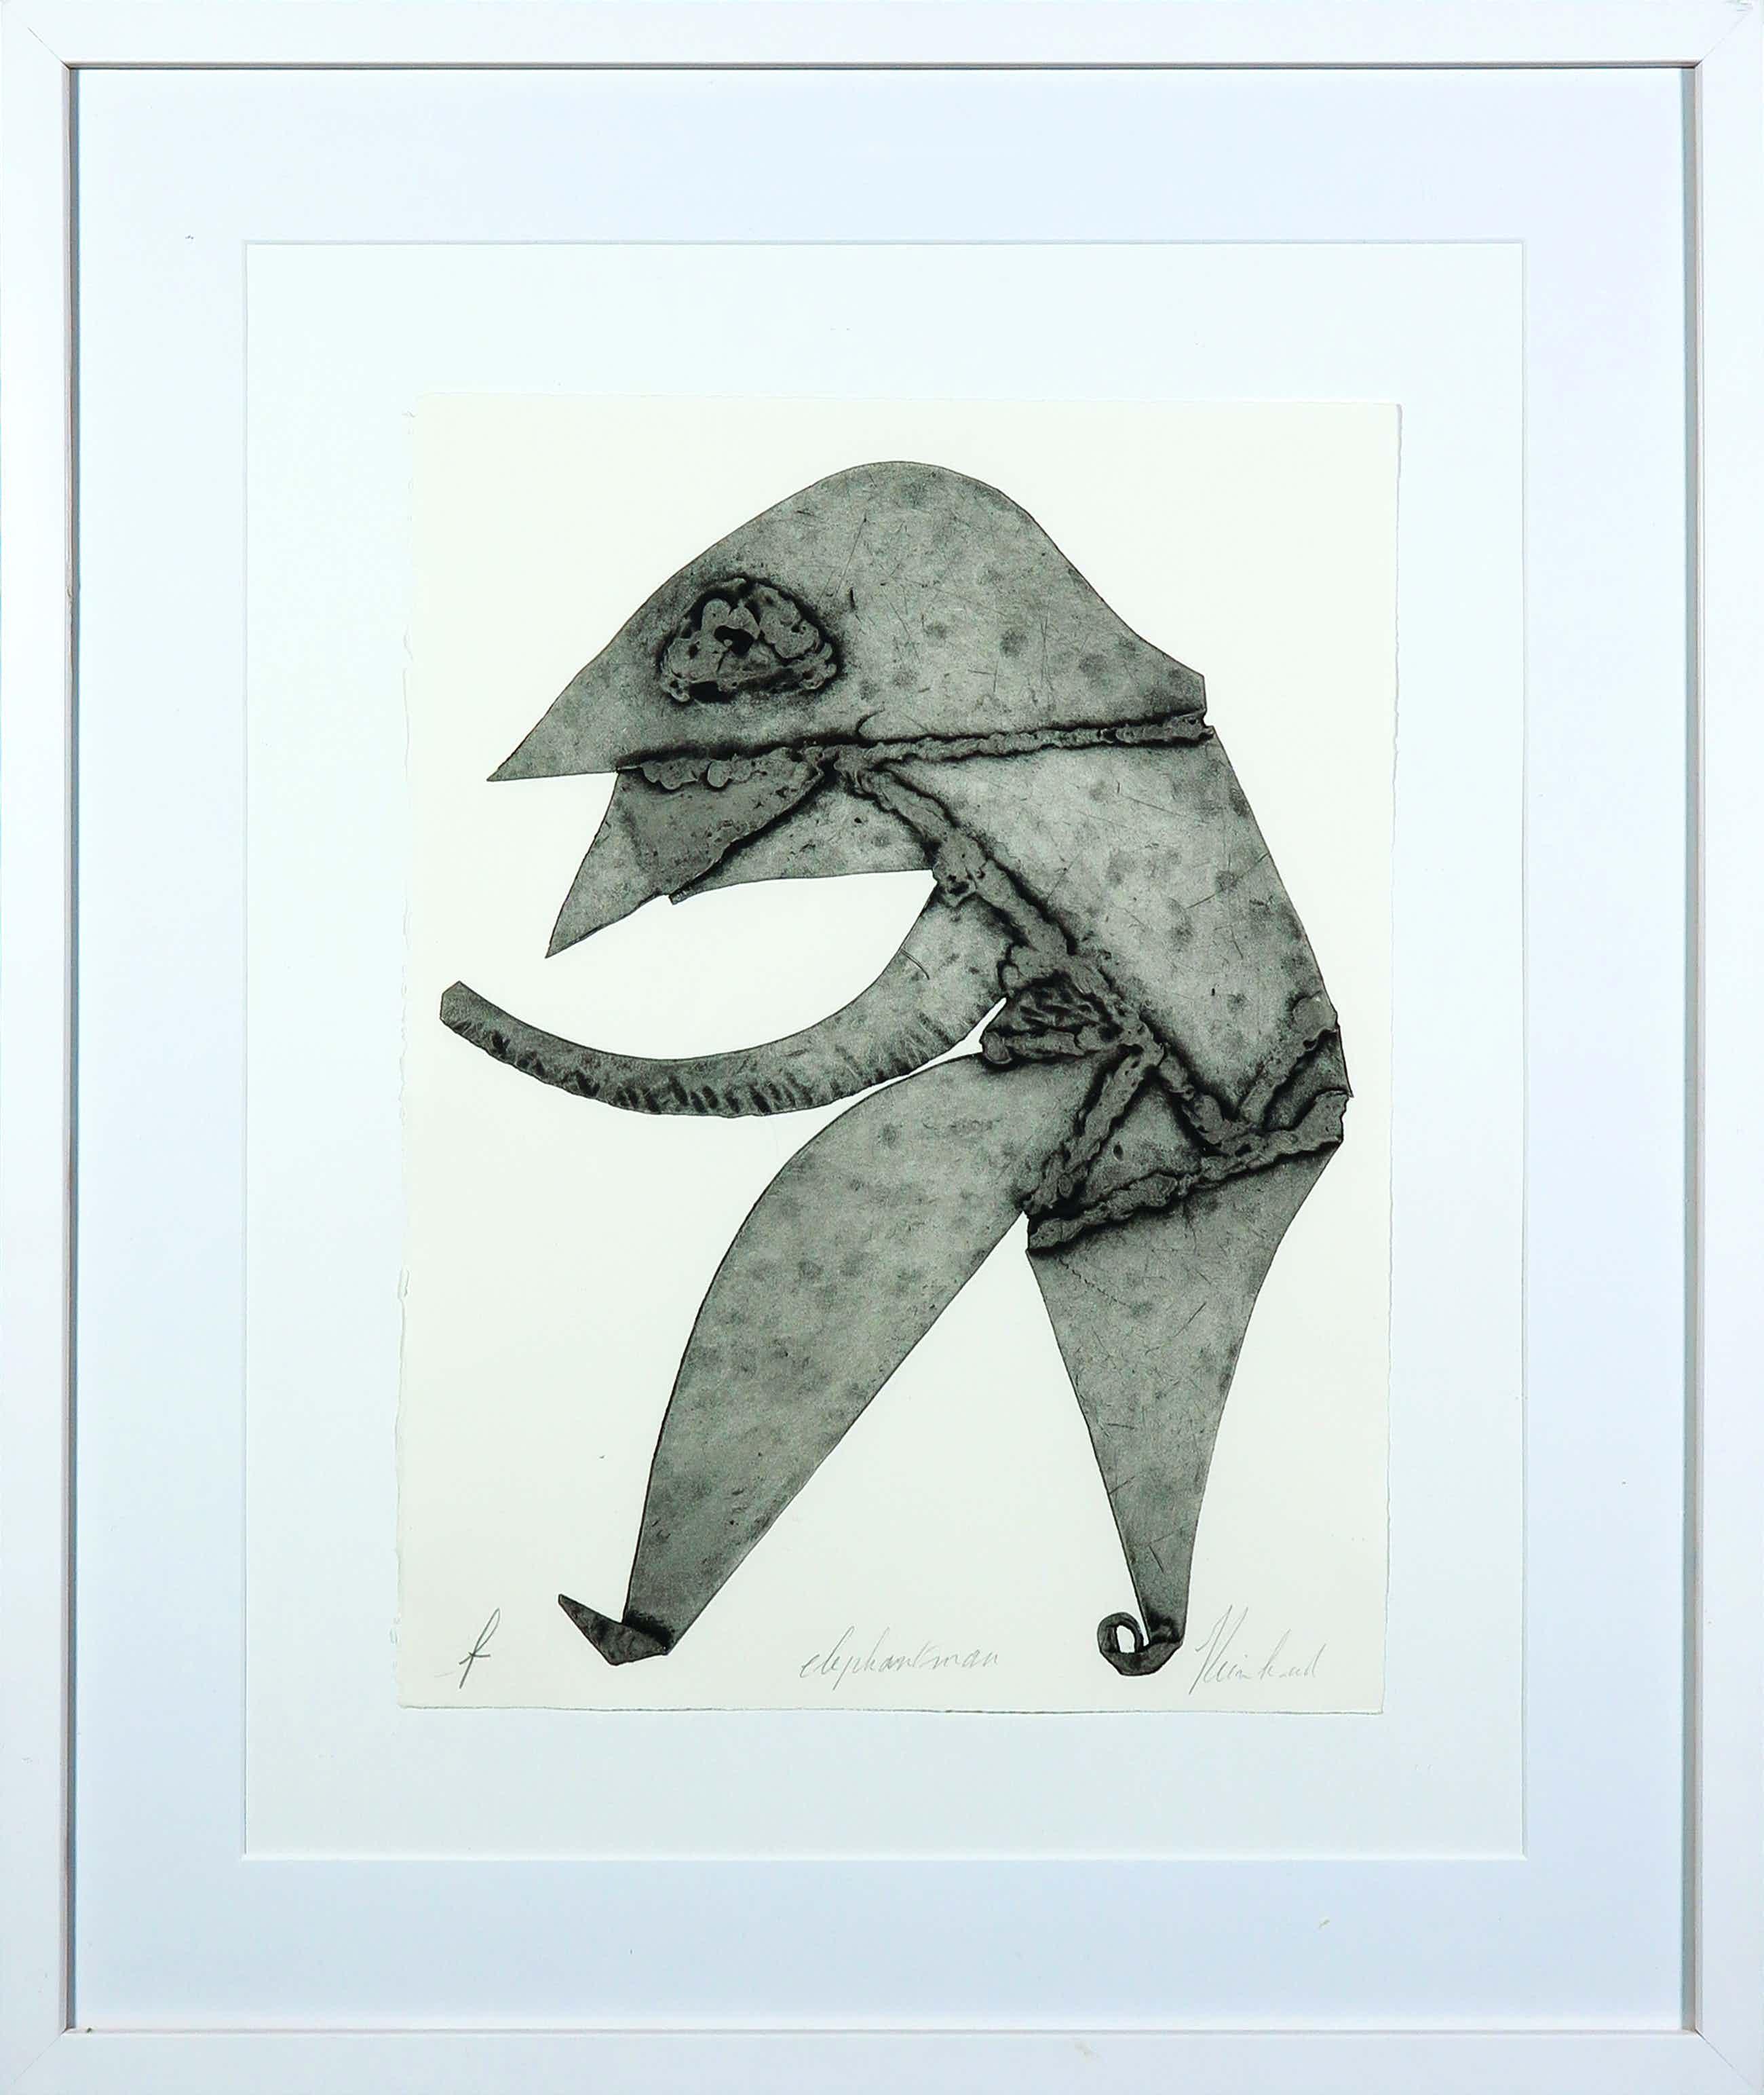 Reinhoud D'Haese - Aquatint metaaldruk, Elephantman - Ingelijst kopen? Bied vanaf 150!